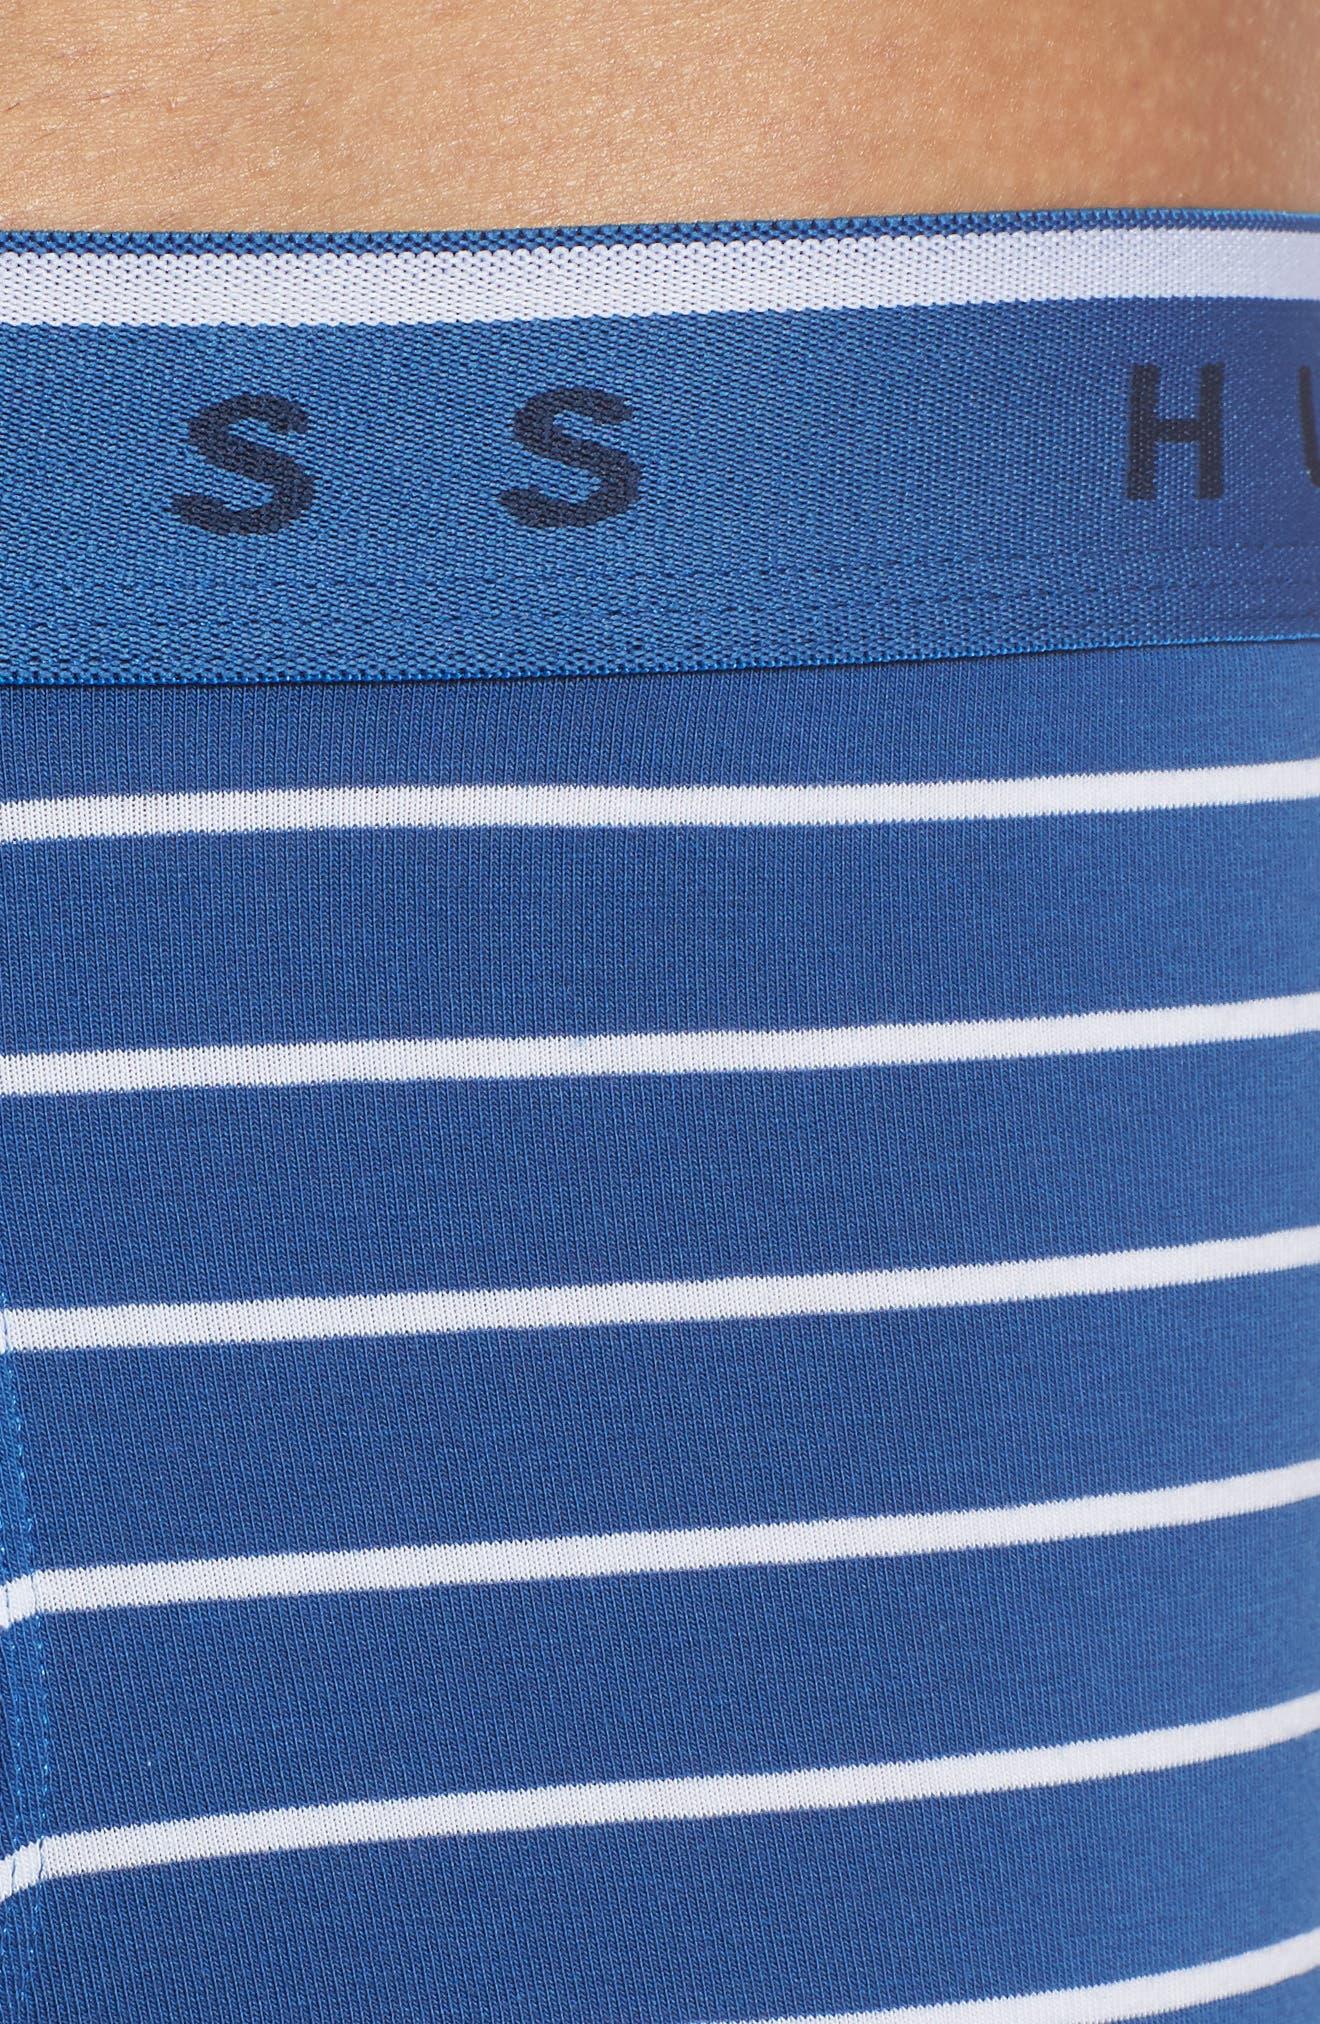 Stripe Boxer Briefs,                             Alternate thumbnail 4, color,                             BLUE